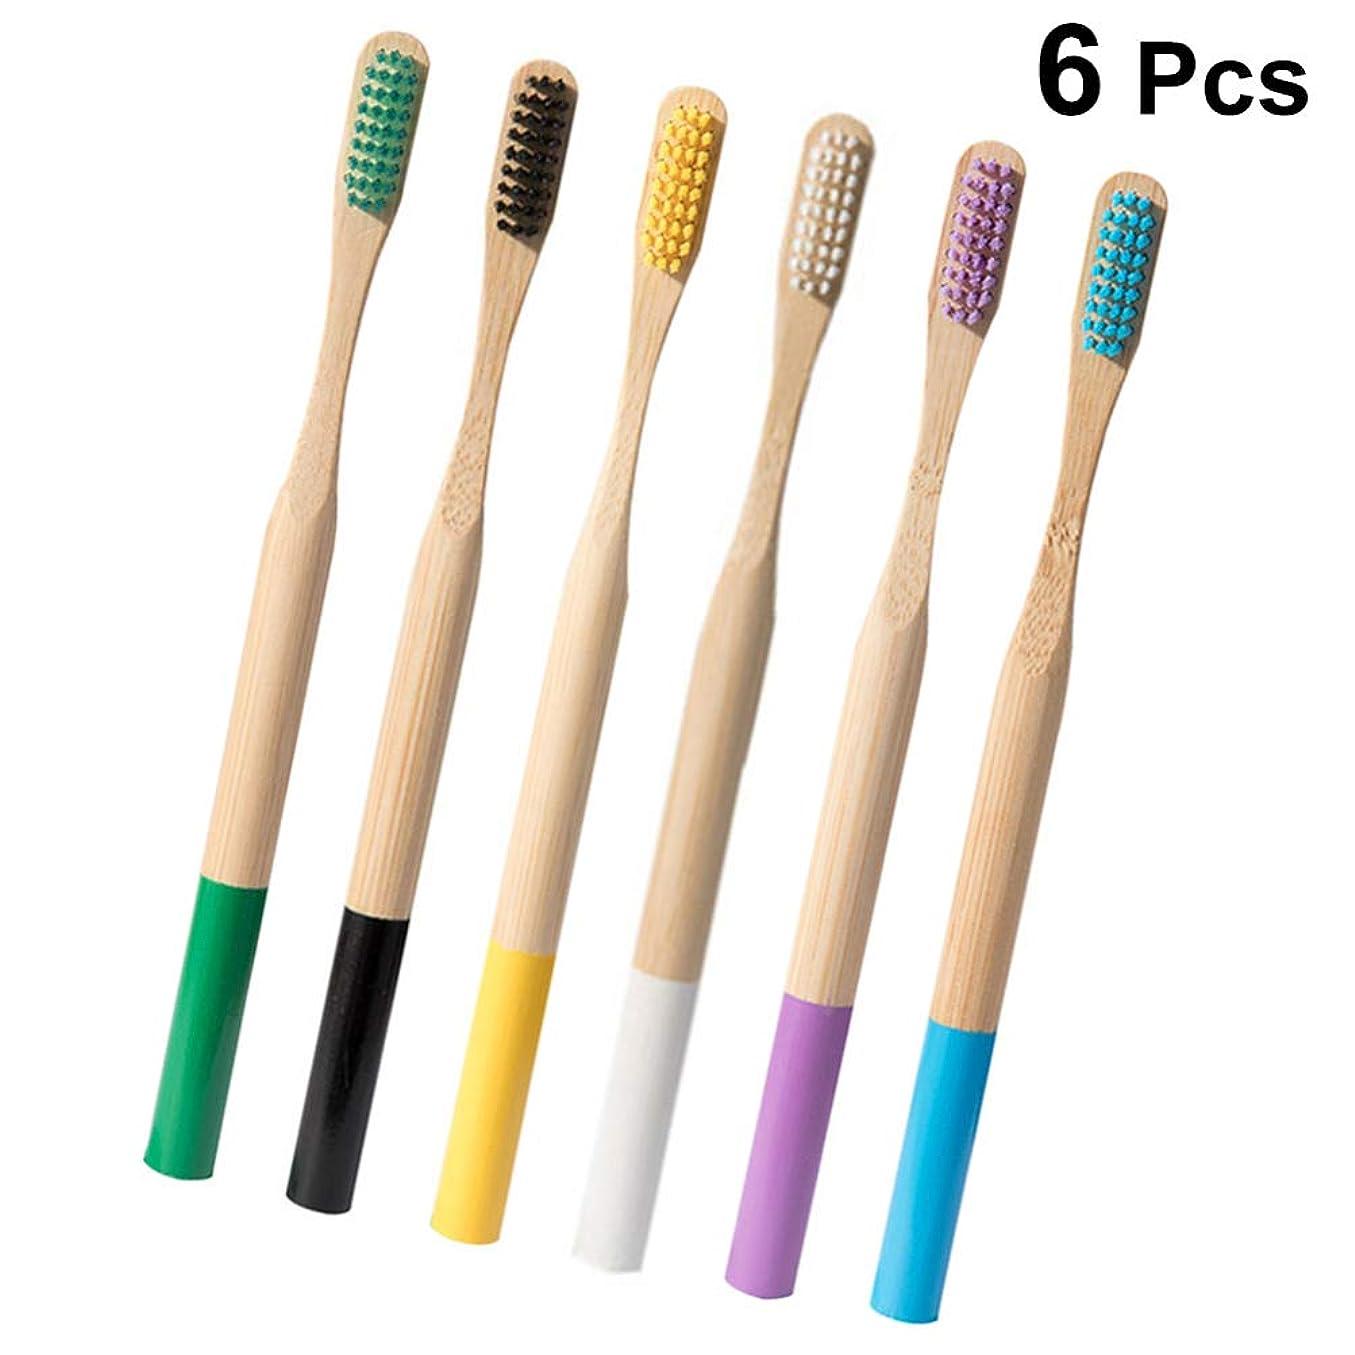 曲線アコードもろいSUPVOX 竹歯ブラシ自然環境にやさしい旅行屋外使用のための柔らかい毛の歯ブラシ6pcs